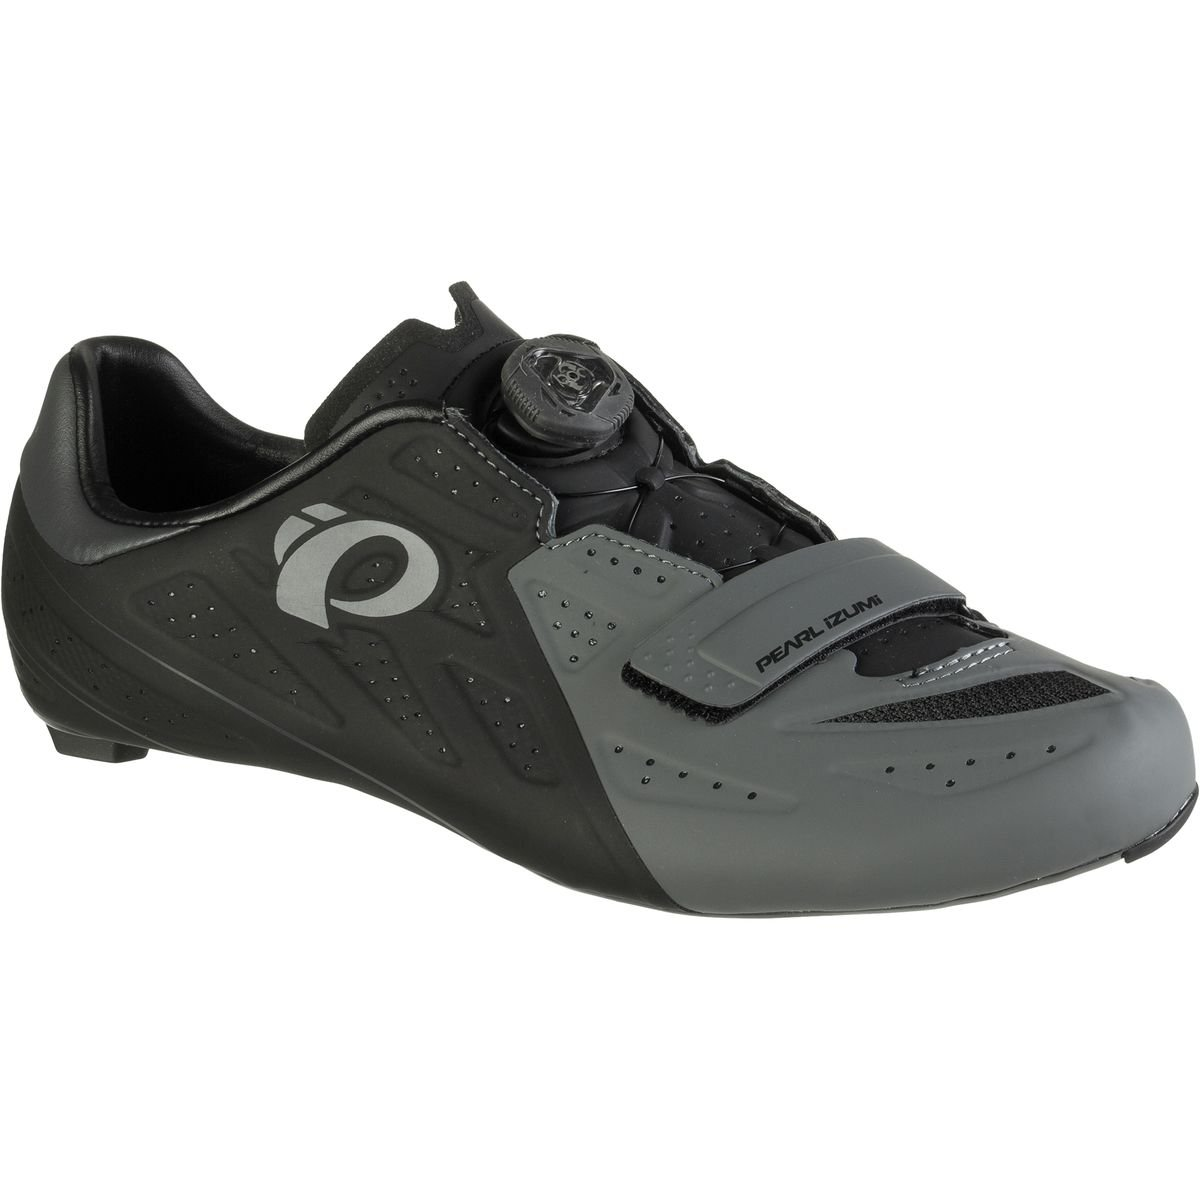 【ギフ_包装】 (パールイズミ) Pearl Izumi Grey ELITE Road V5 ELITE V5 Cycling Shoe メンズ ロードバイクシューズBlack/Shadow Grey [並行輸入品] 日本サイズ 29.5cm (46) Black/Shadow Grey B07H57SCTZ, 松前郡:44f2c220 --- by.specpricep.ru